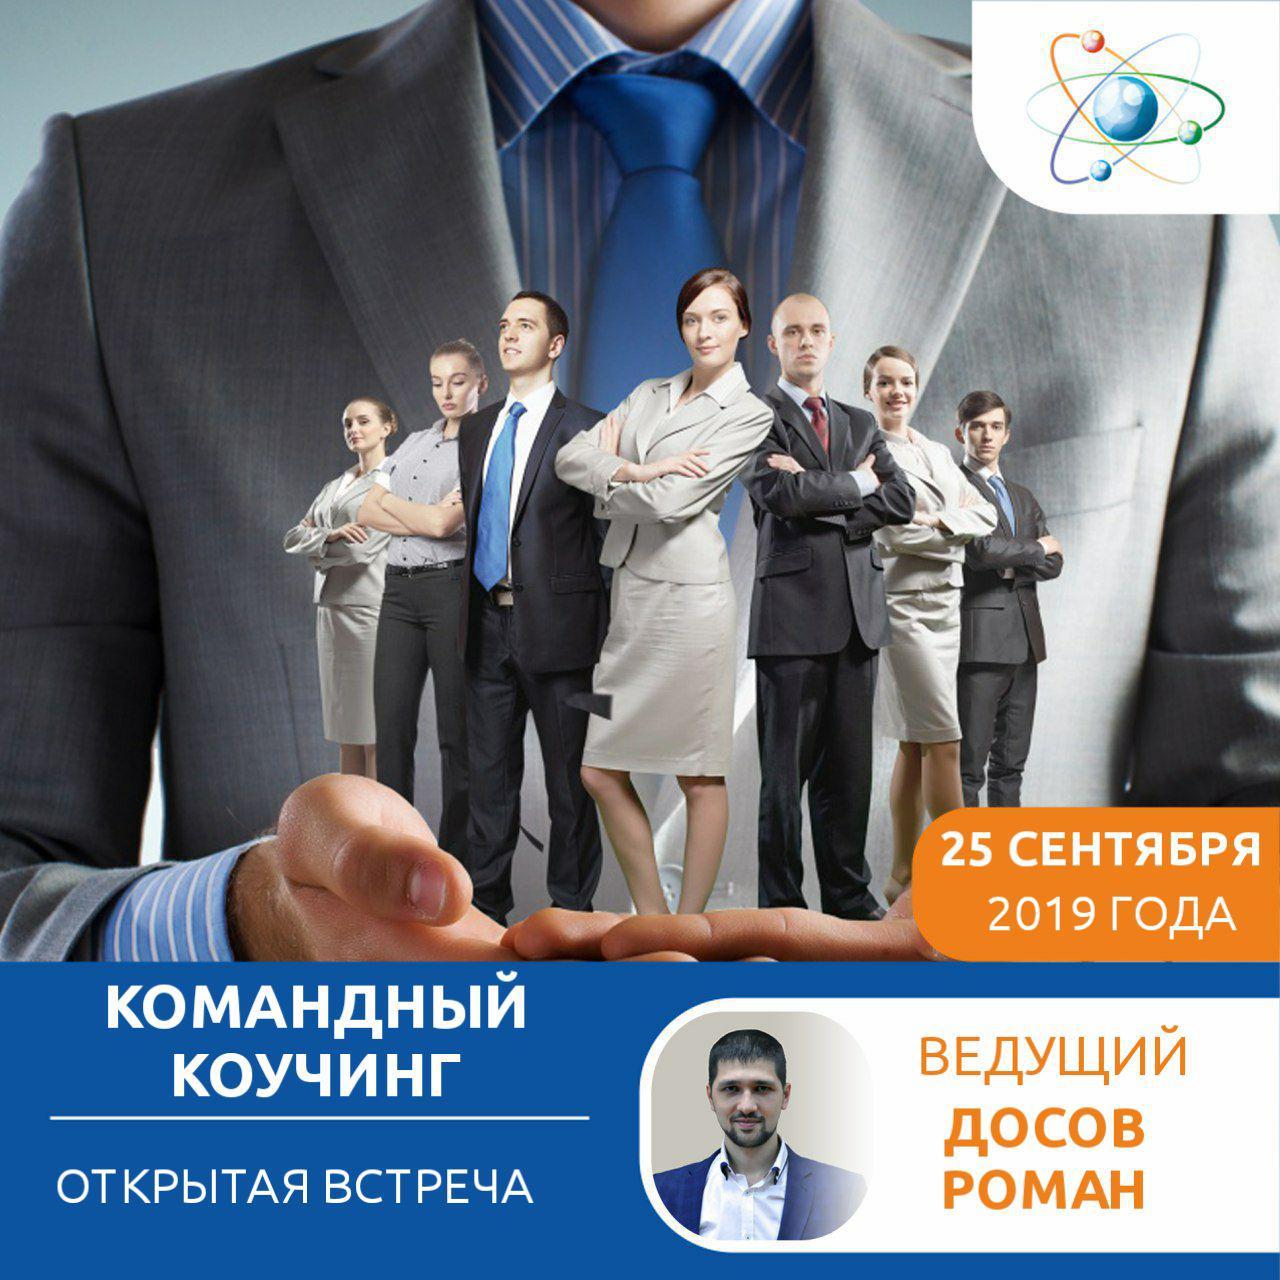 Открытая встреча «Командный коучинг» @ Владивосток, ул. Жигура, 26а, БЦ «Seven», ауд. 2-7